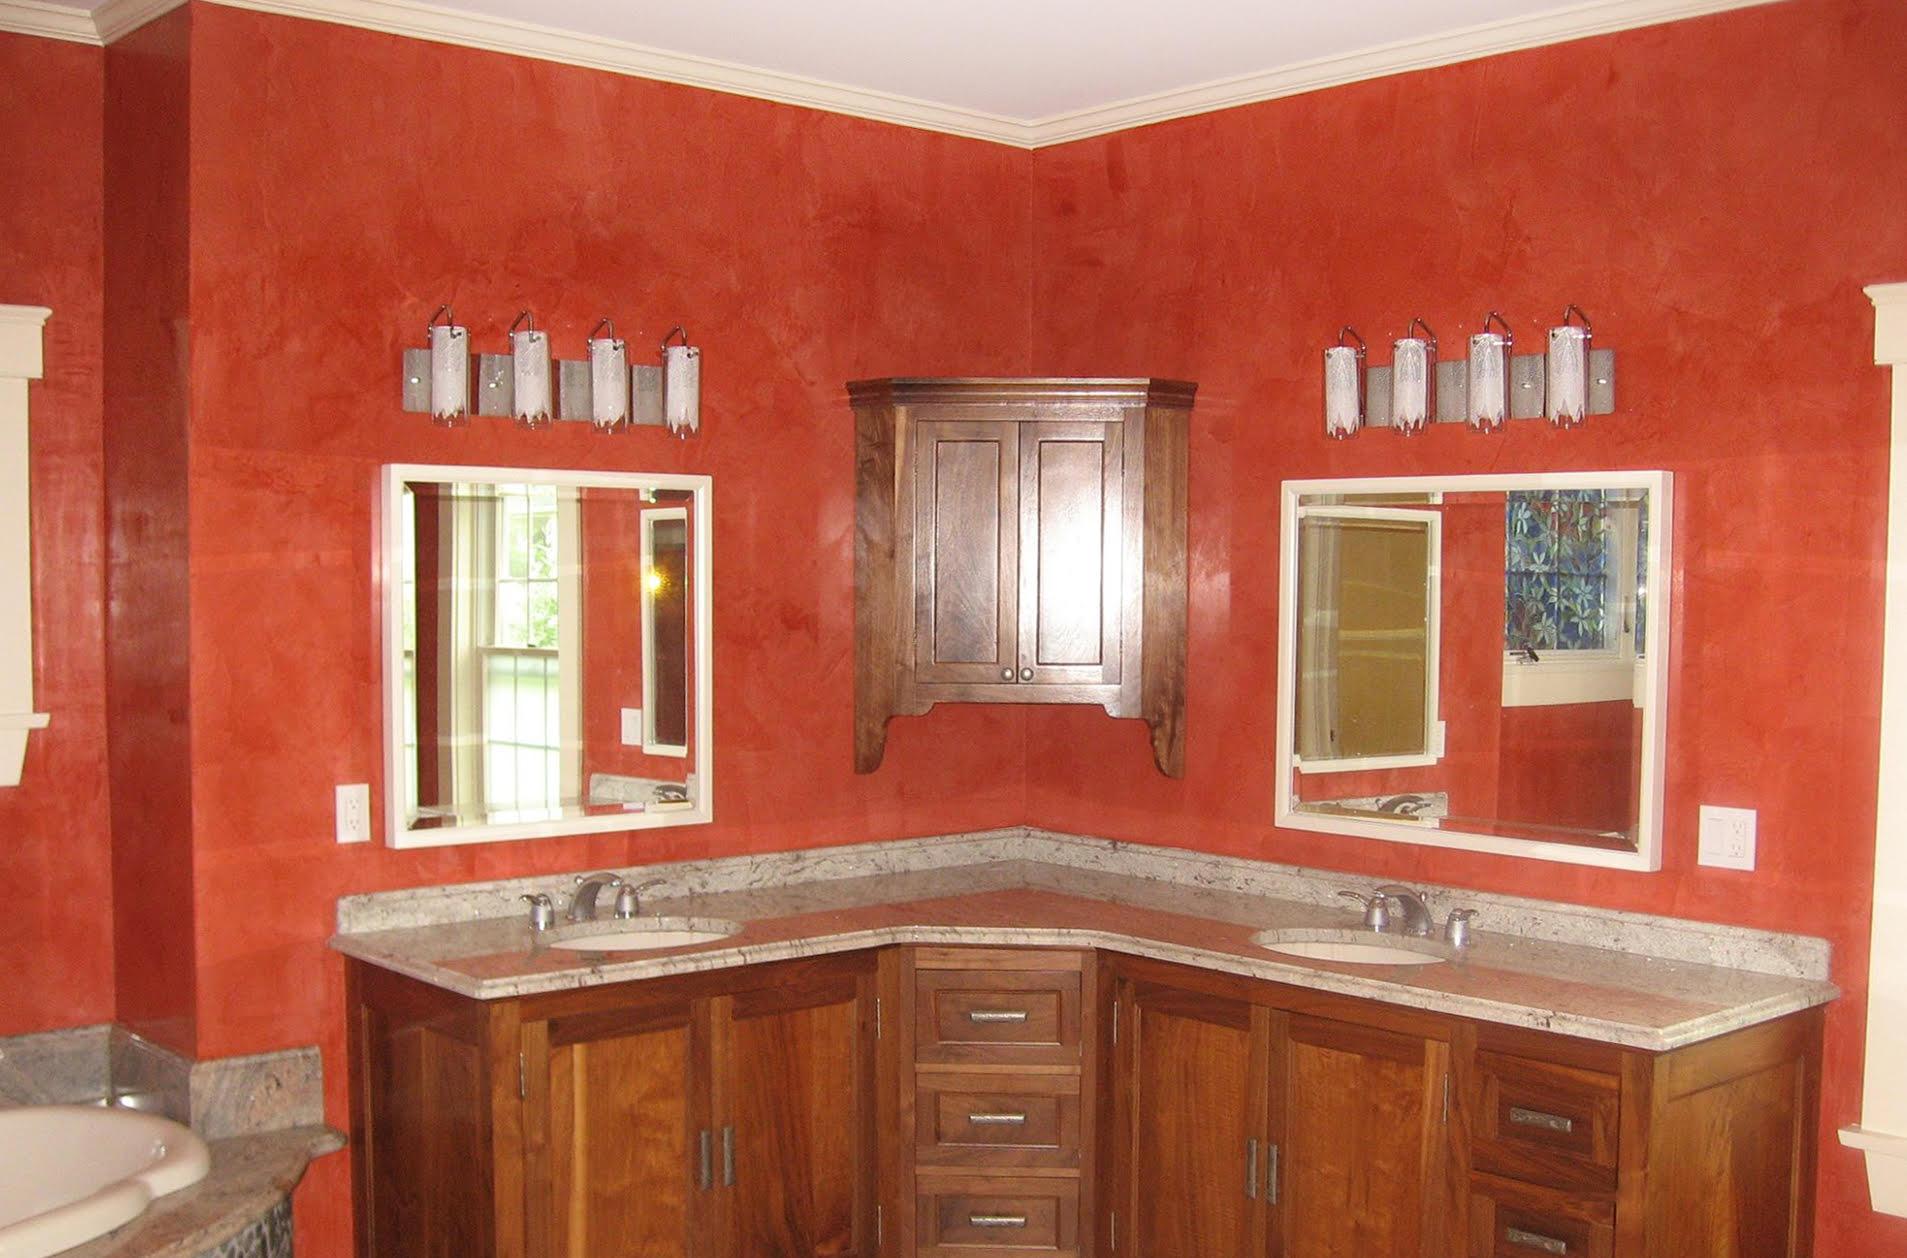 Plasmatore Italiano: Angelo Lepore creazione Riqualificazione pareti bagno stucco veneziano